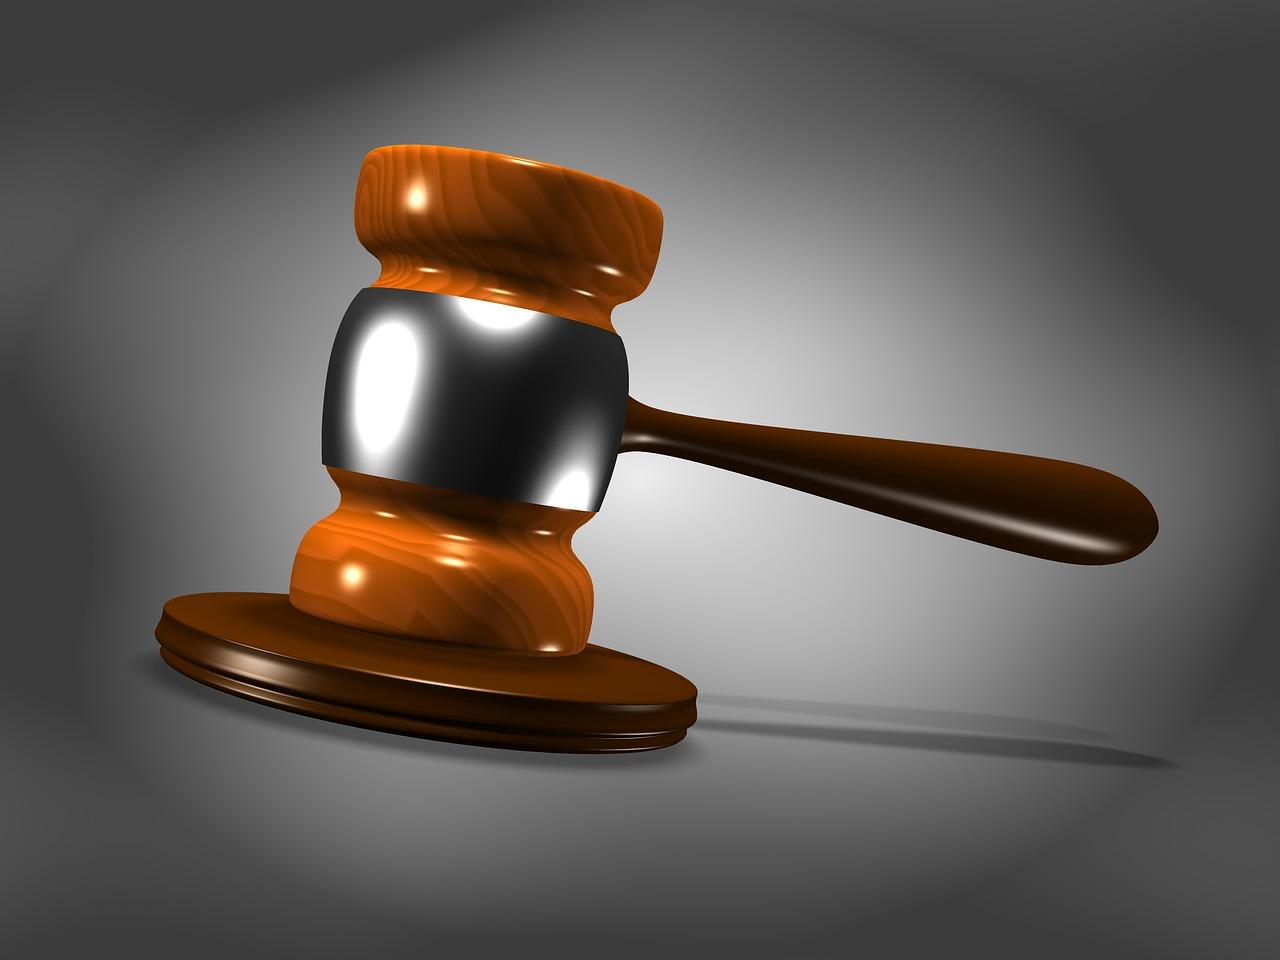 כיצד לדעת לאיזה עורך דין צבאי לפנות